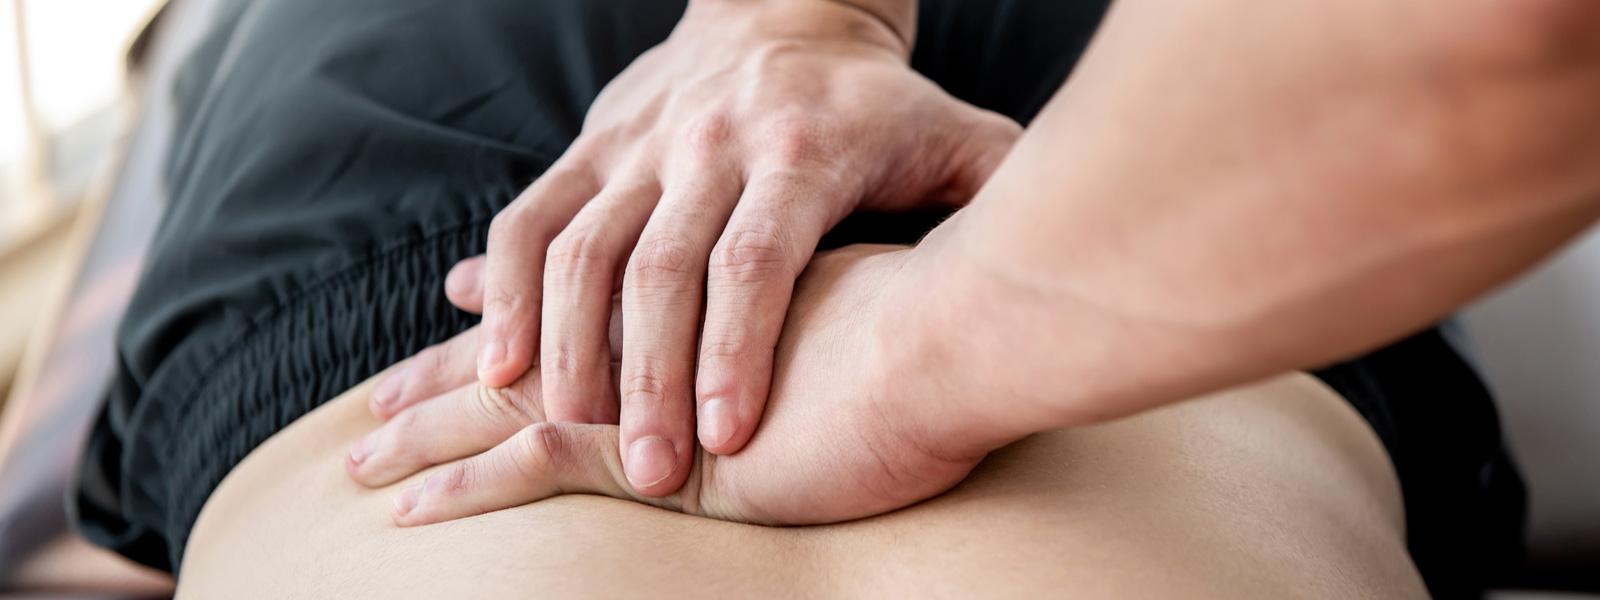 Hände die einen Rücken massieren